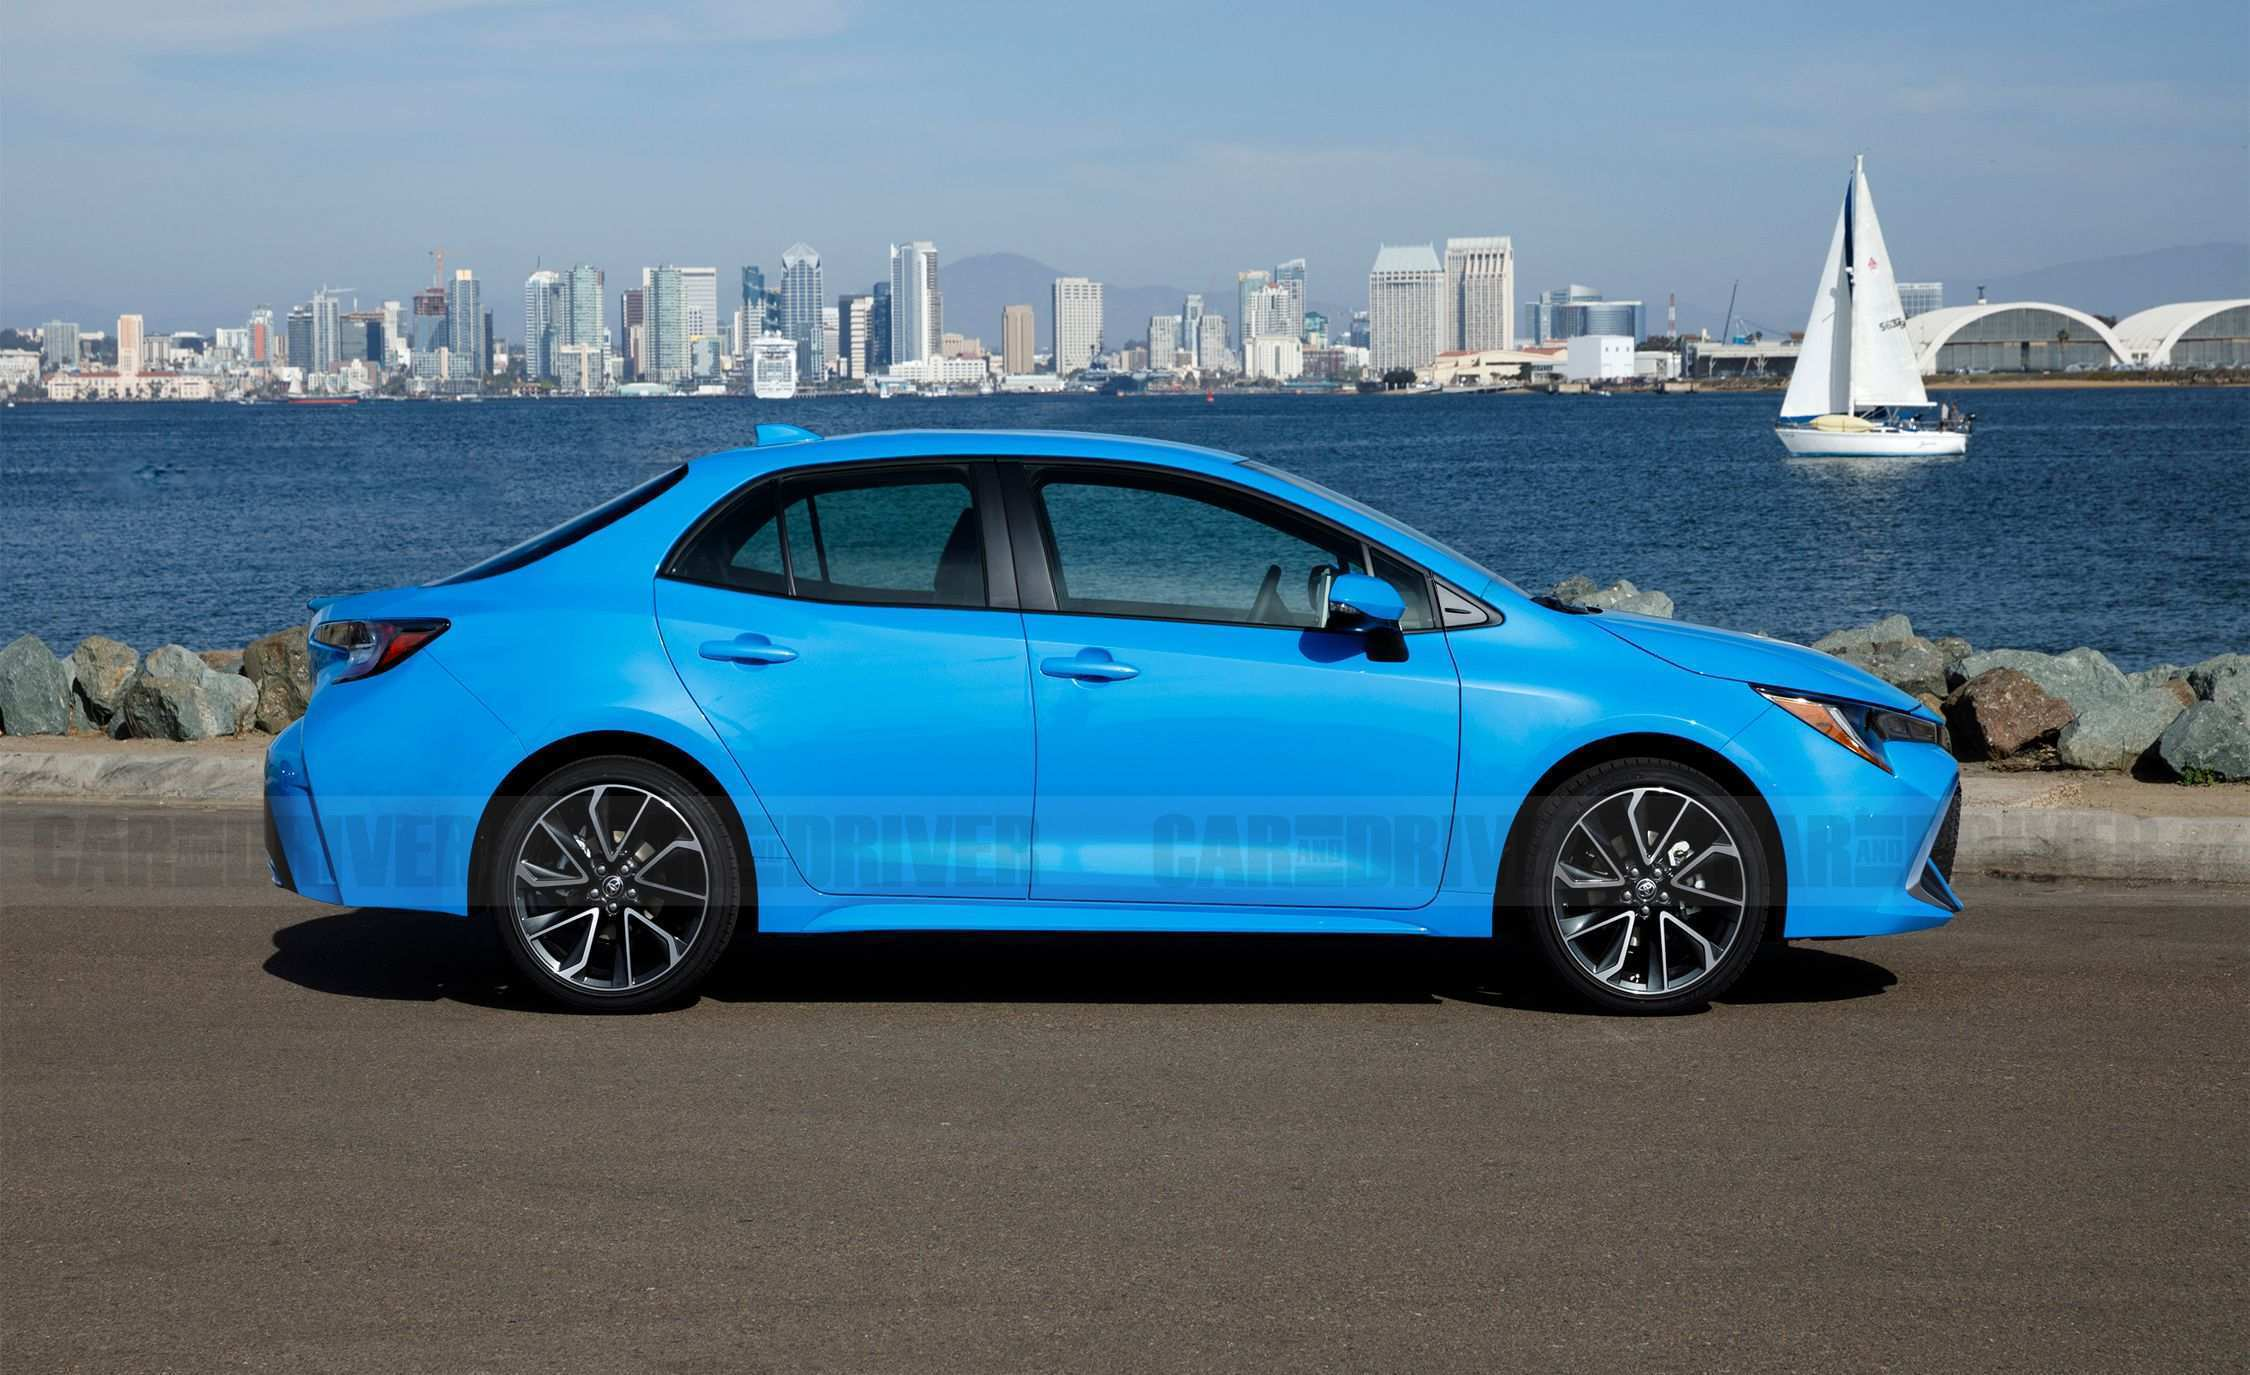 81 Best Review Toyota 2020 Sedan Exterior for Toyota 2020 Sedan